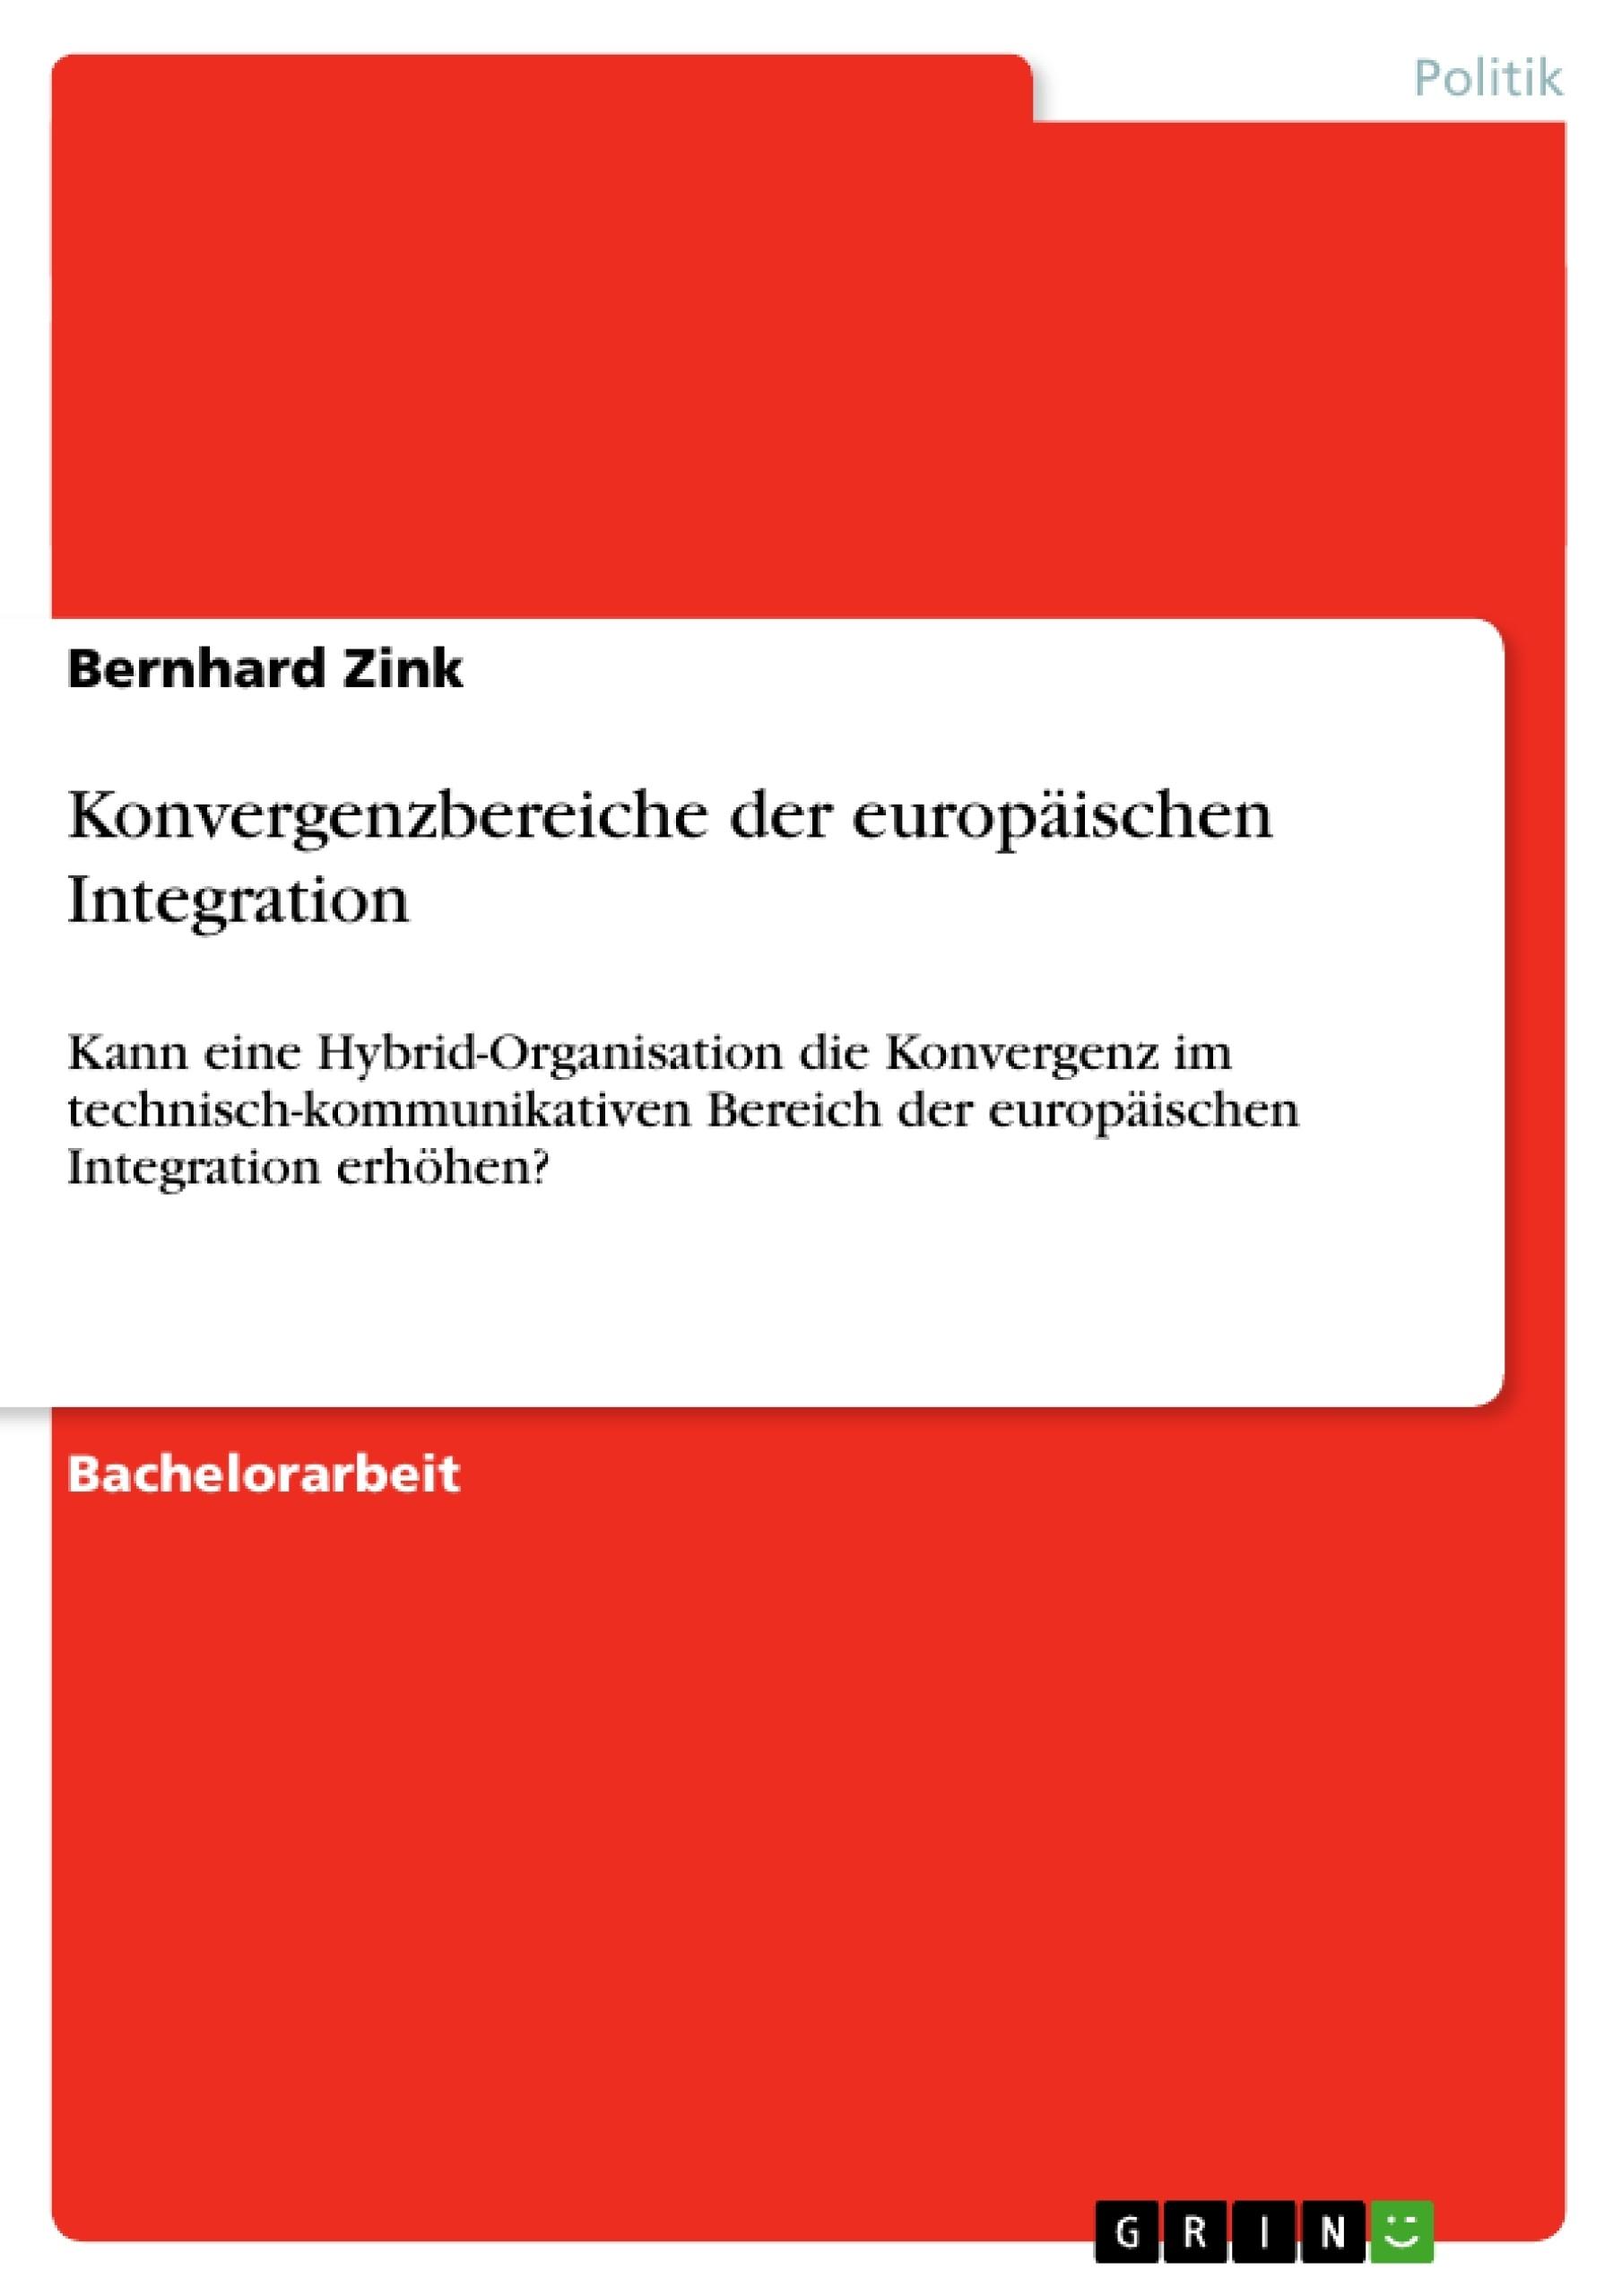 Titel: Konvergenzbereiche der europäischen Integration